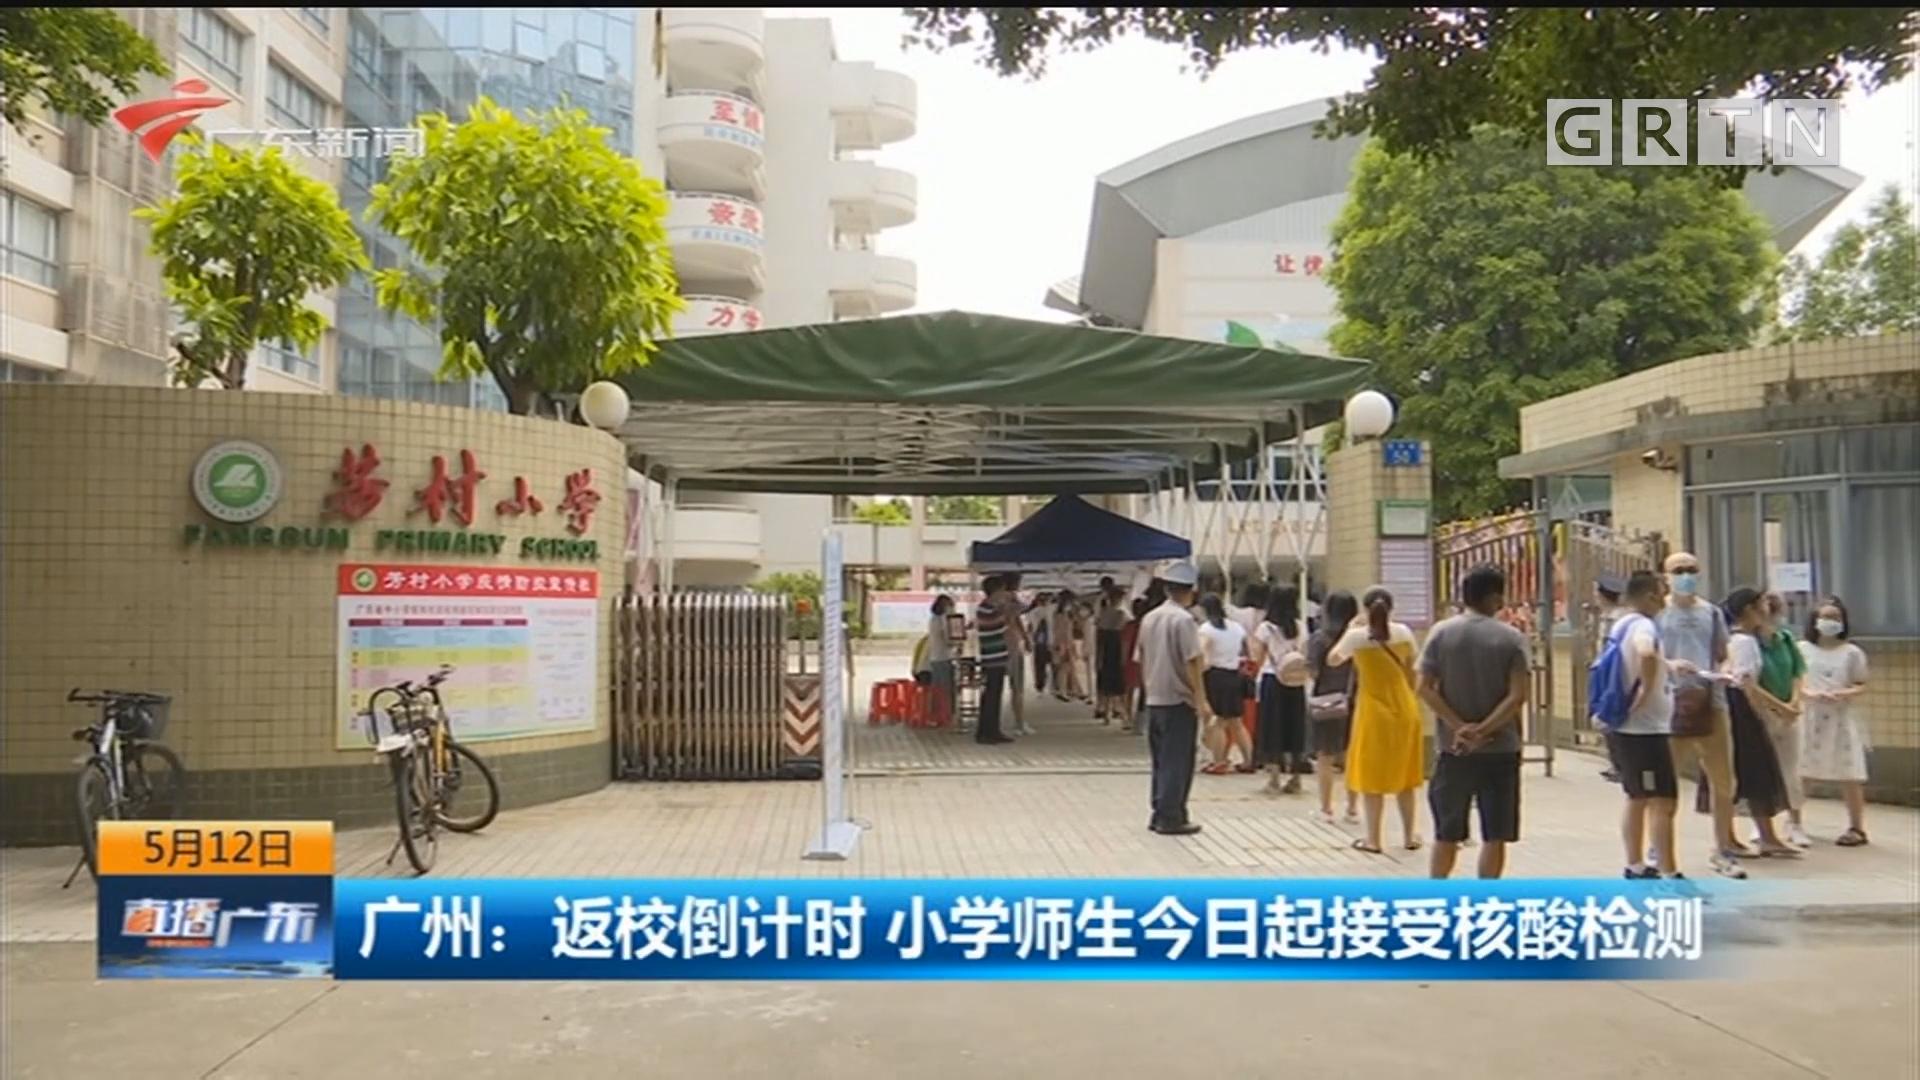 广州:返校倒计时 小学师生今日起接受核酸检测